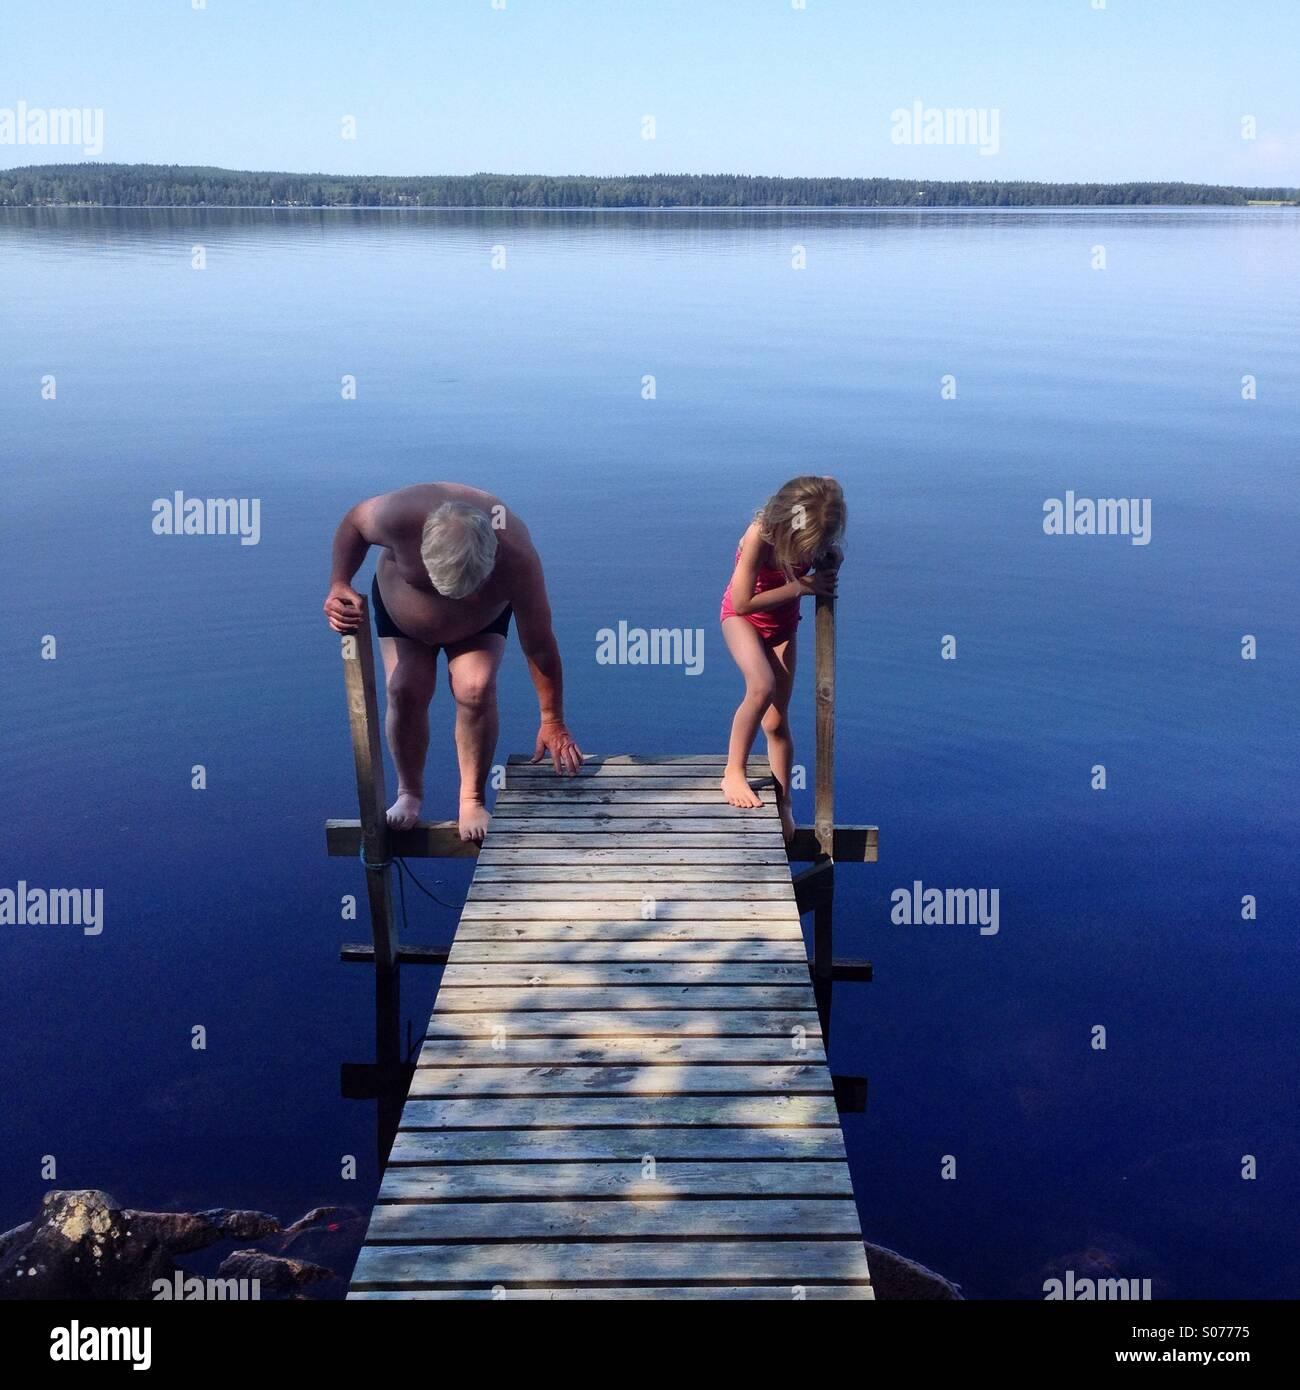 Nonno e nipote di andare a nuotare in un lago nordico insieme Immagini Stock